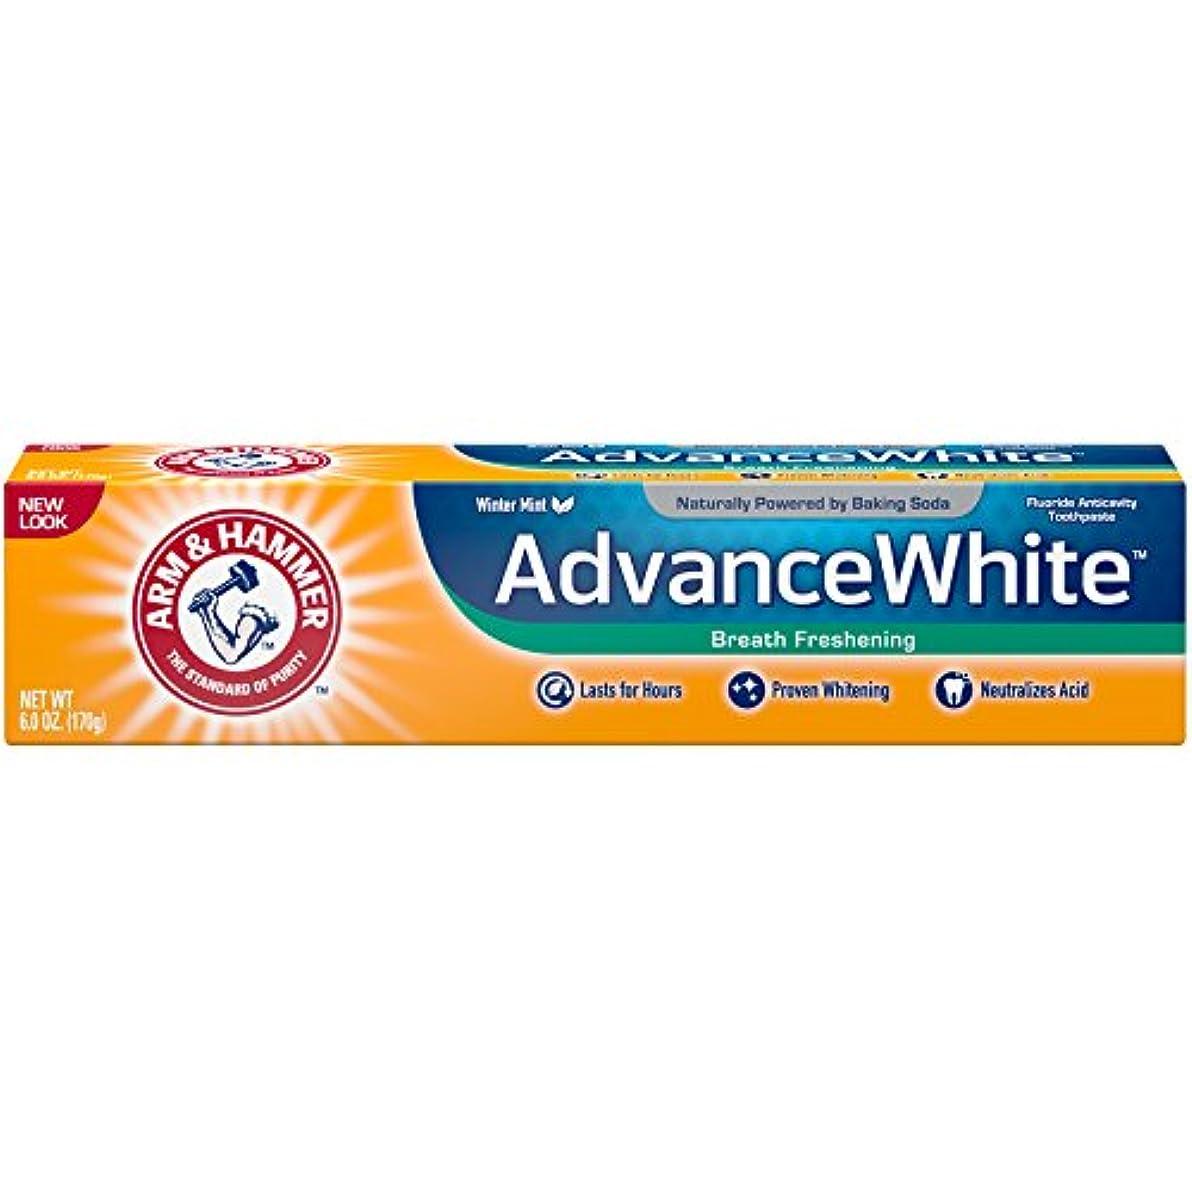 フィットチキン年次アーム&ハマー アドバンス ホワイト 歯磨き粉 ブレス フレッシュニング 170g Advance White Breath Freshing Baking Soda & Frosted Mint